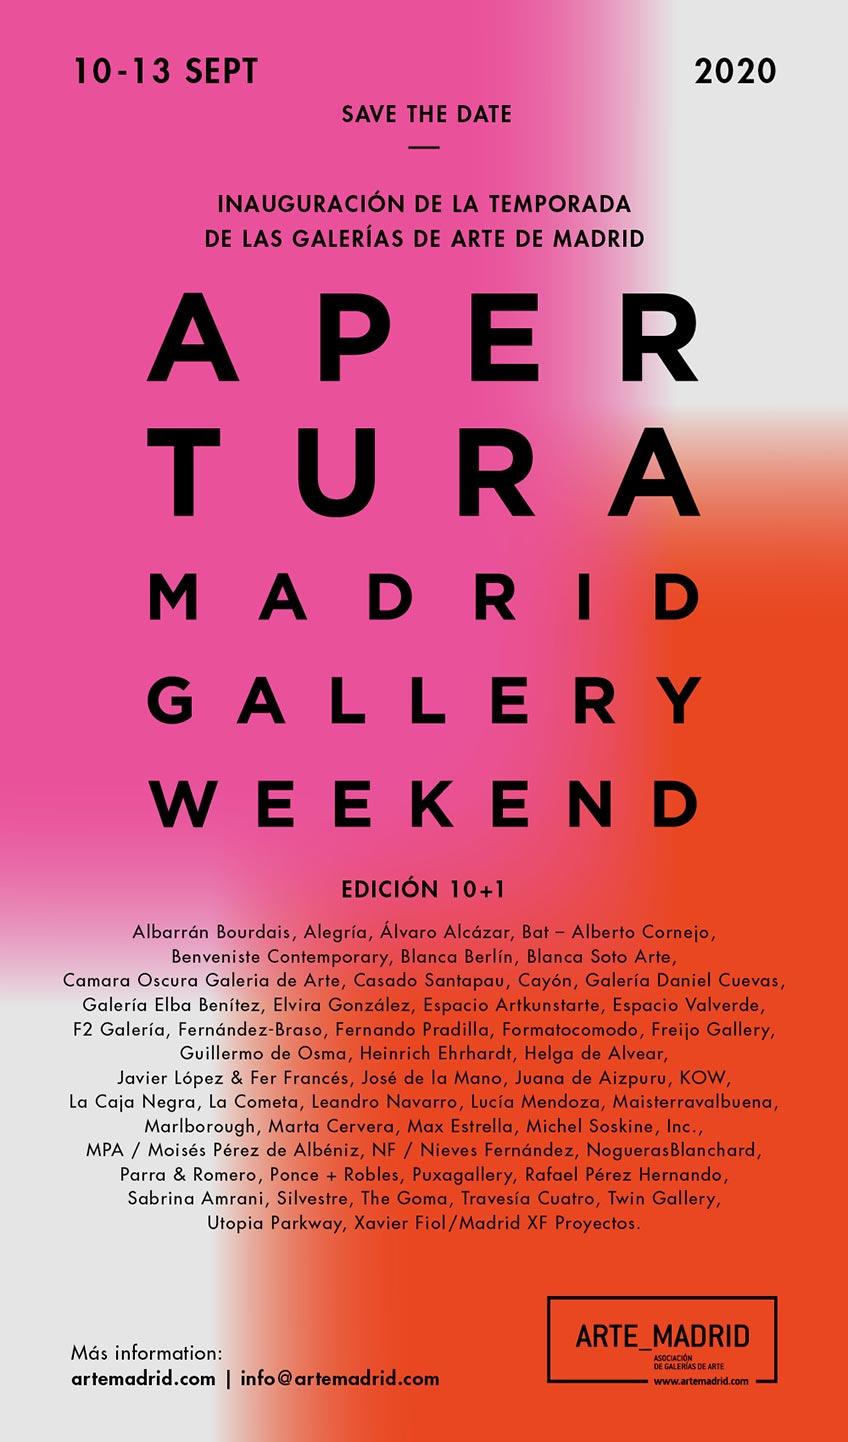 La edición 10+1 de Apertura Madrid se celebrará del 10 al 13 de septiembre 2020